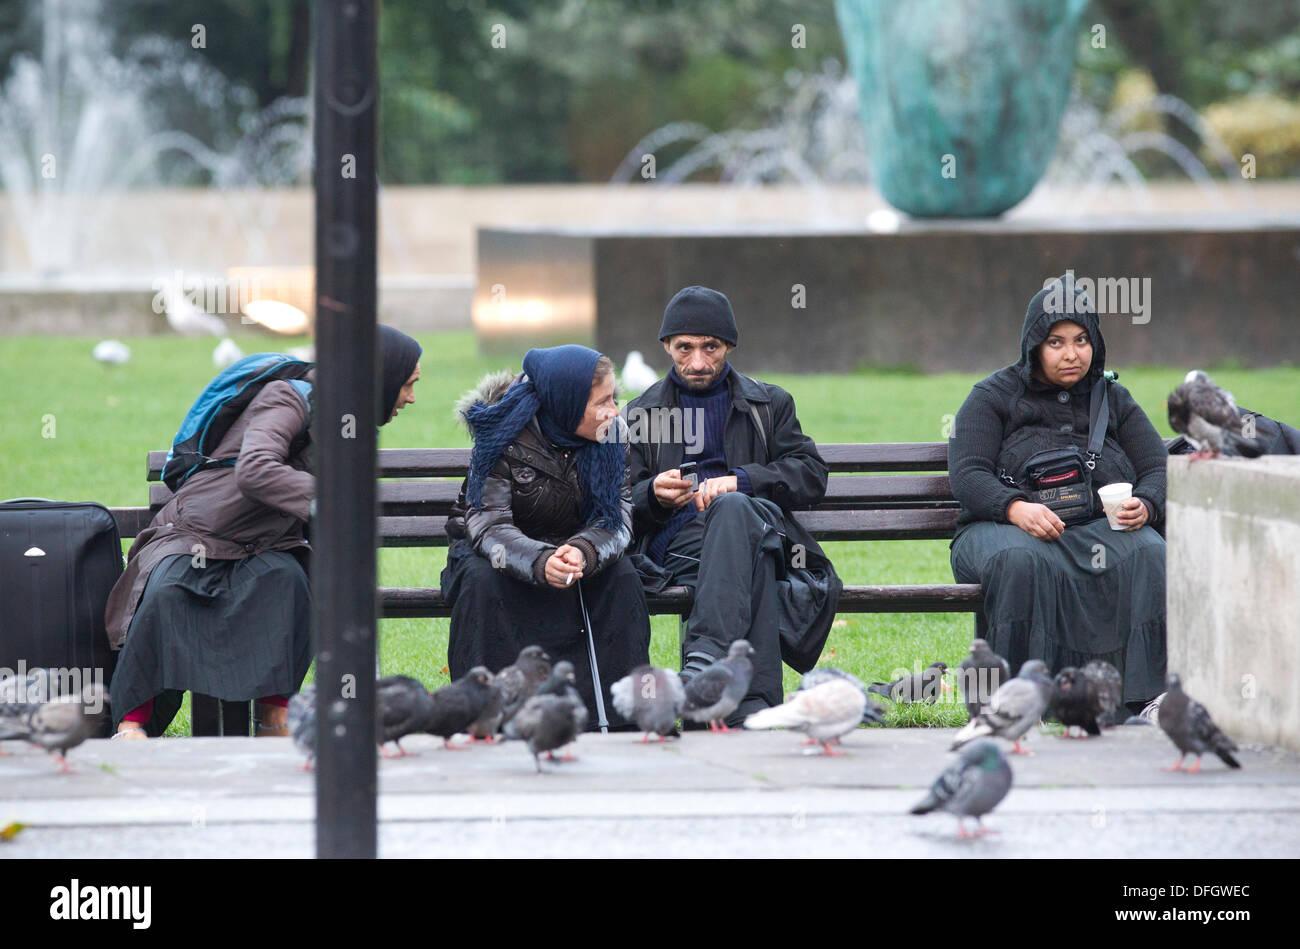 Roma-Einwanderer auf der Park Lane, London, UK 4. Oktober 2013. Bild ...